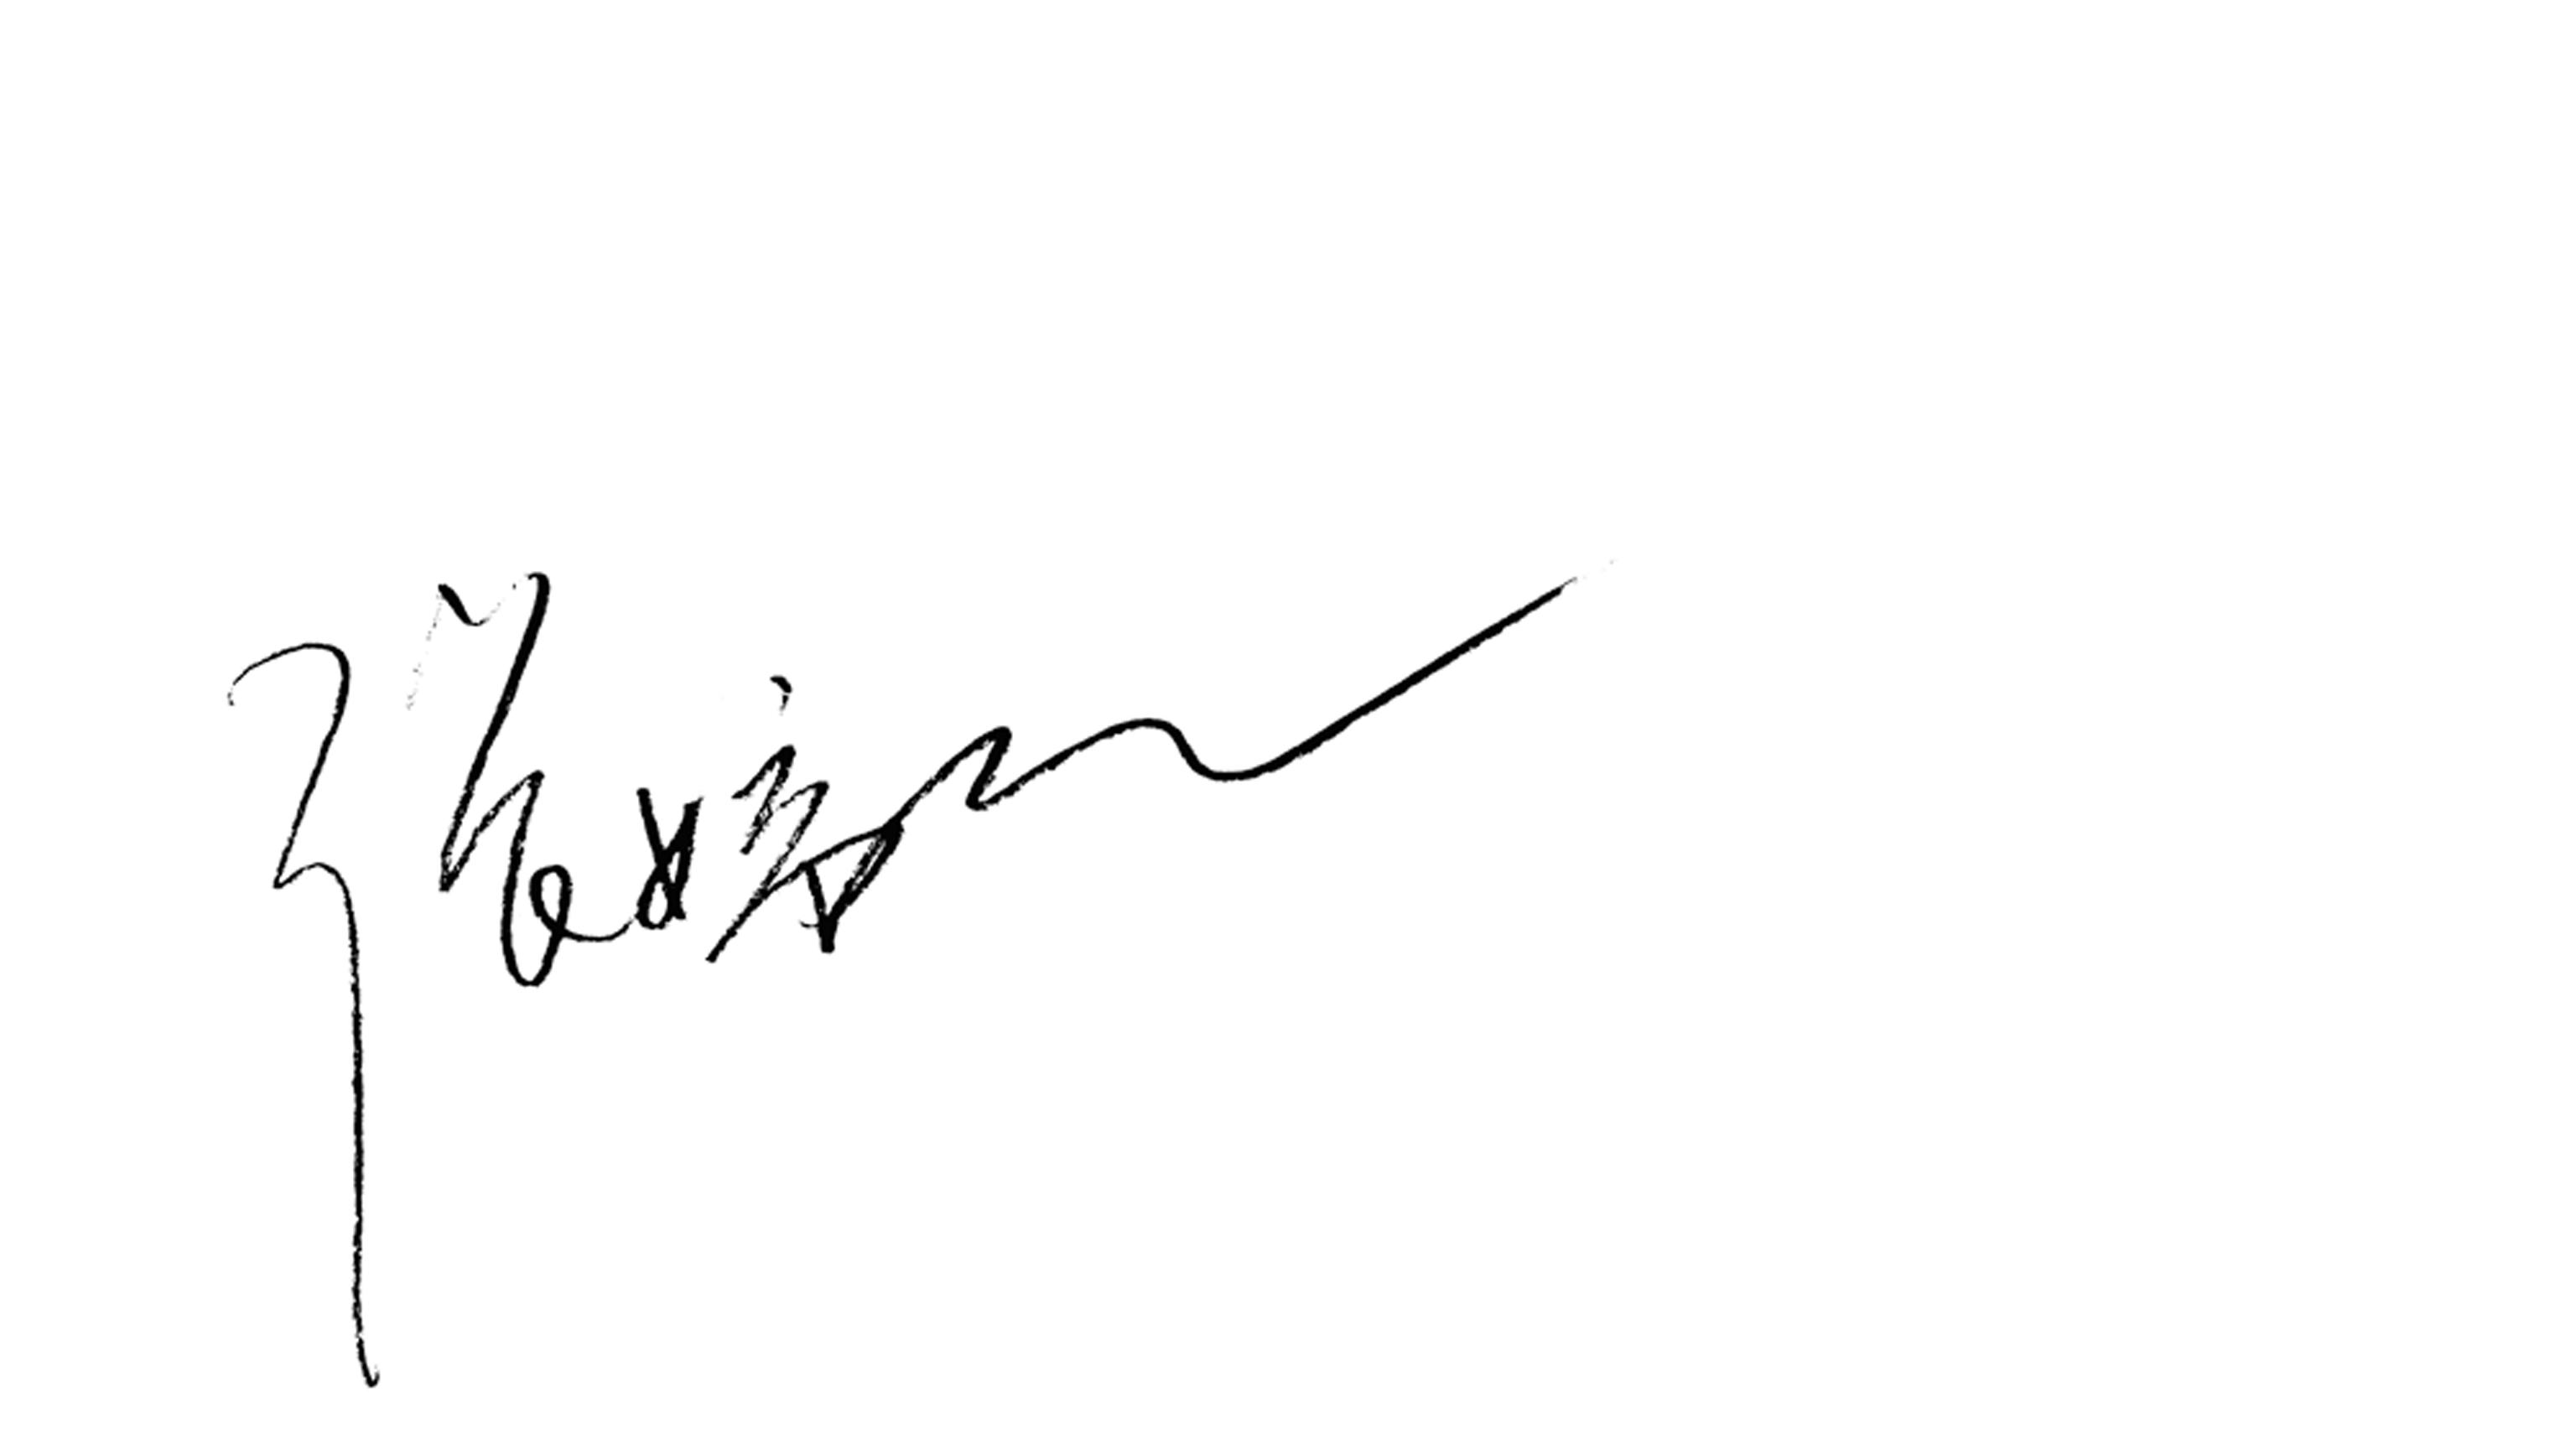 tingting zhang Signature